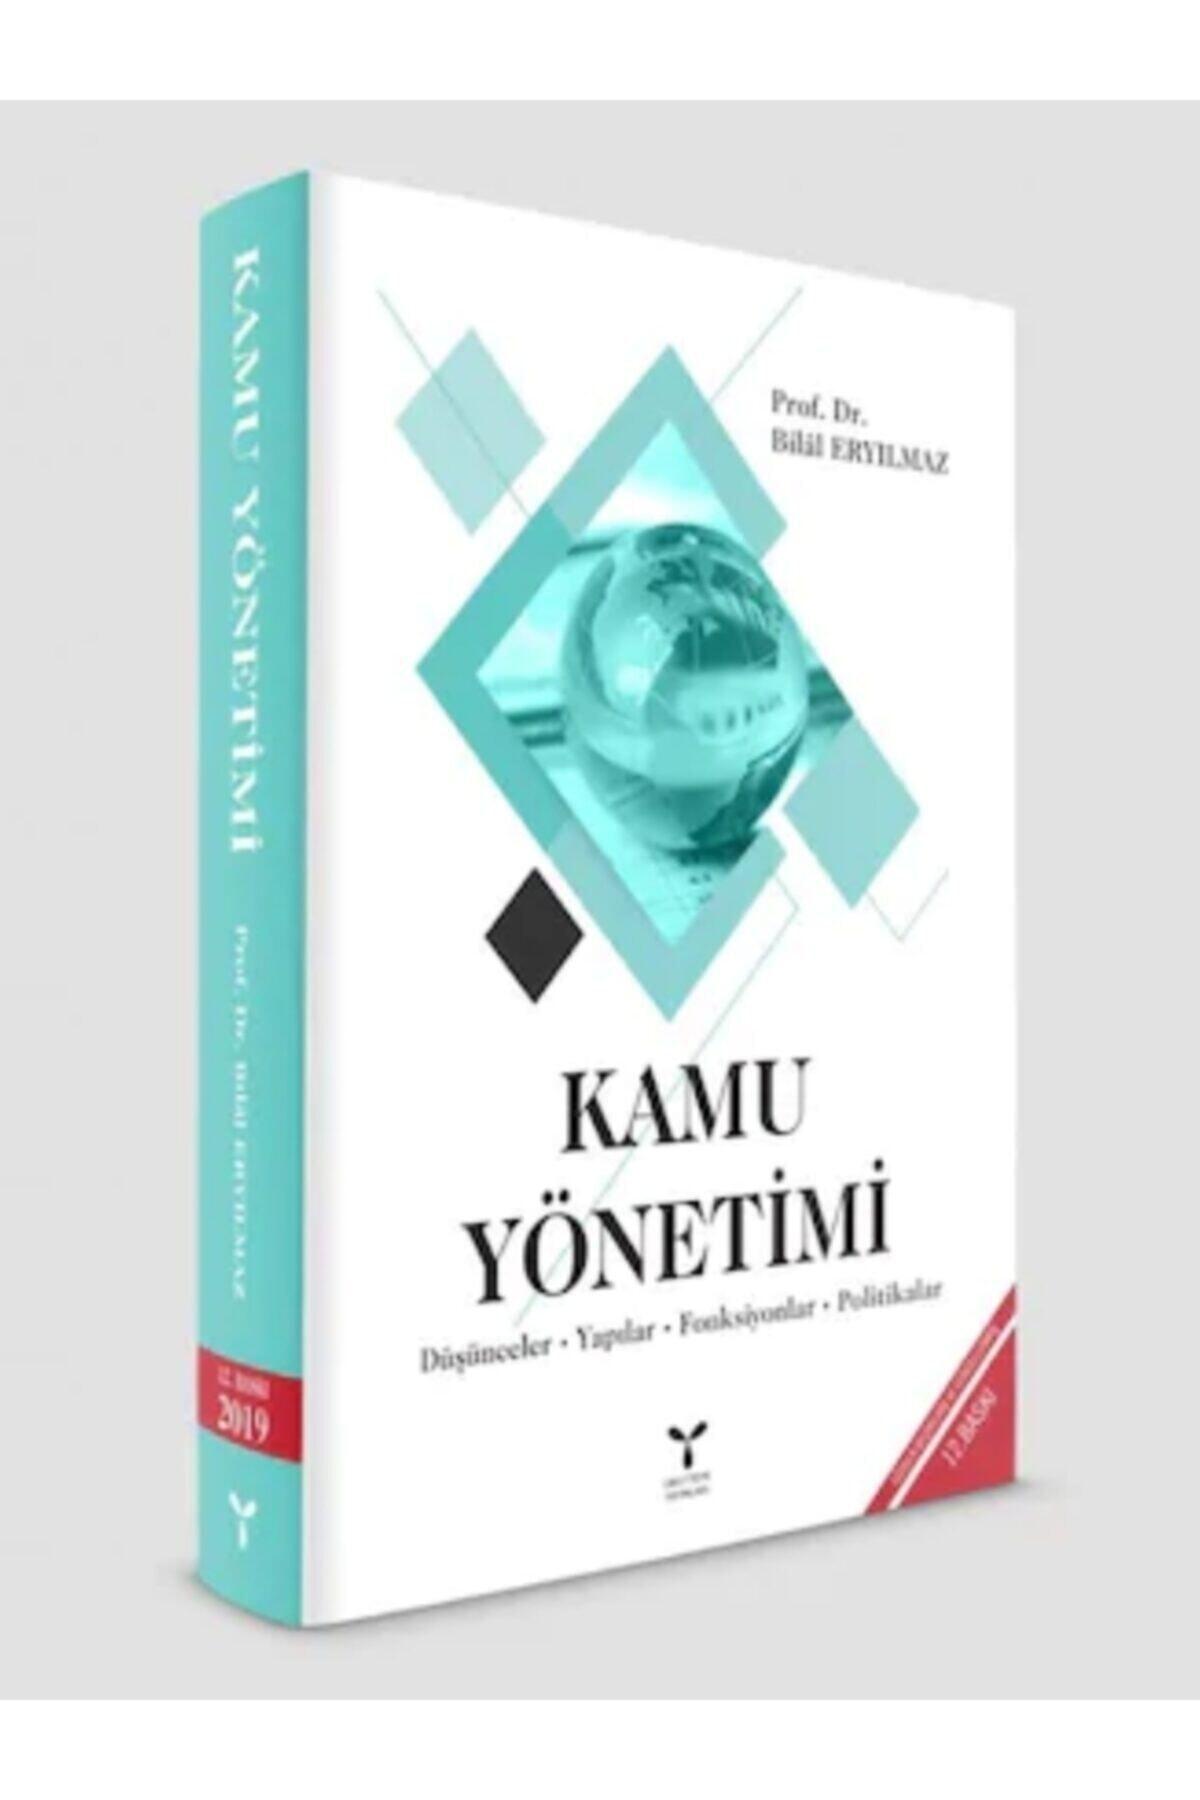 Umuttepe Yayınları Kamu Yönetimi - Bilal Eryılmaz 10, Baskı 1